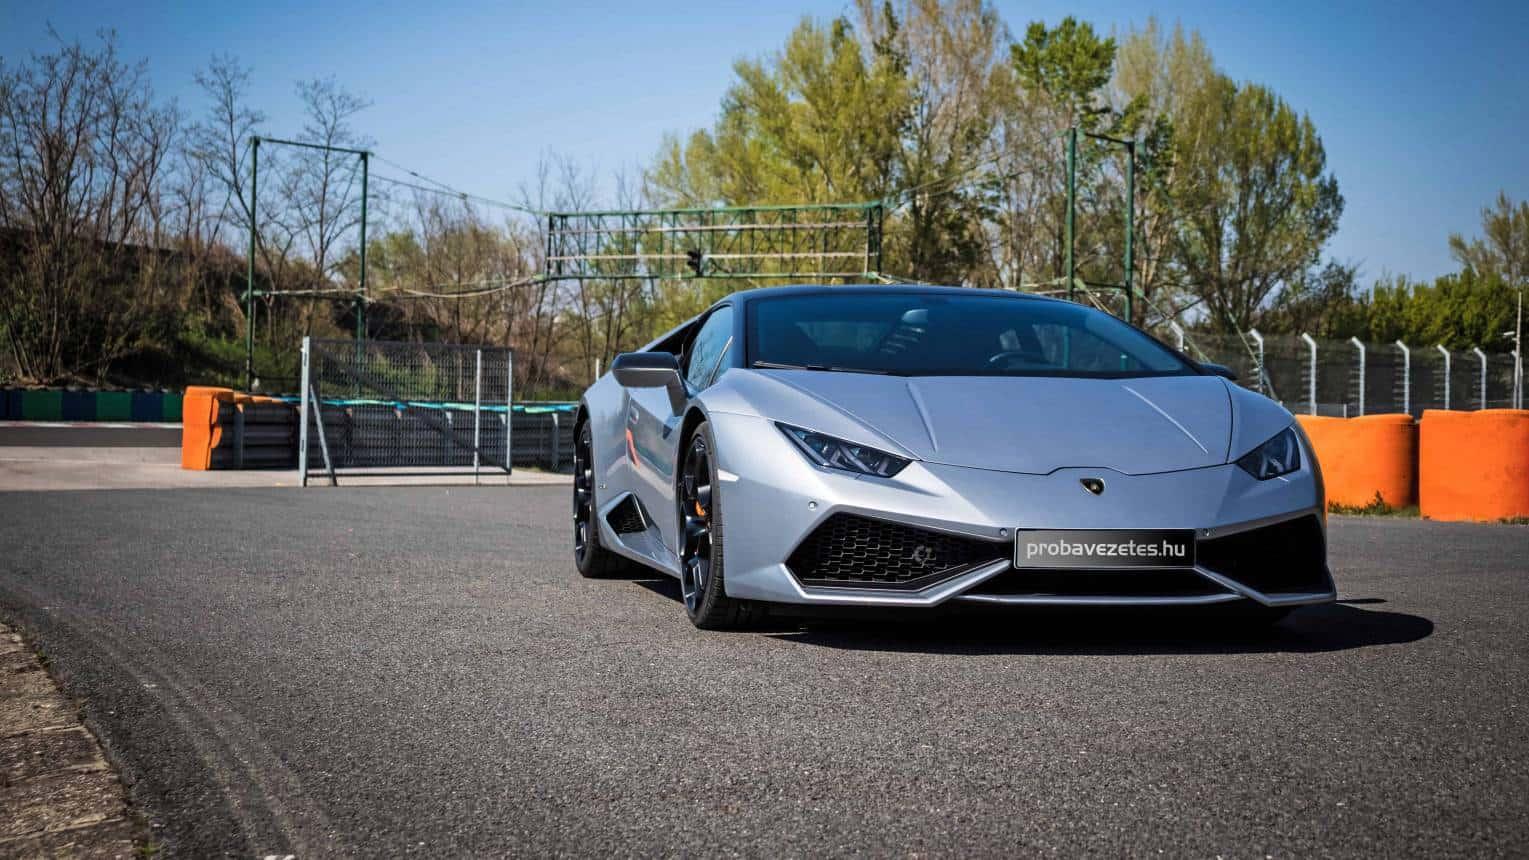 Lamborghini Huracán autópályás vezetés